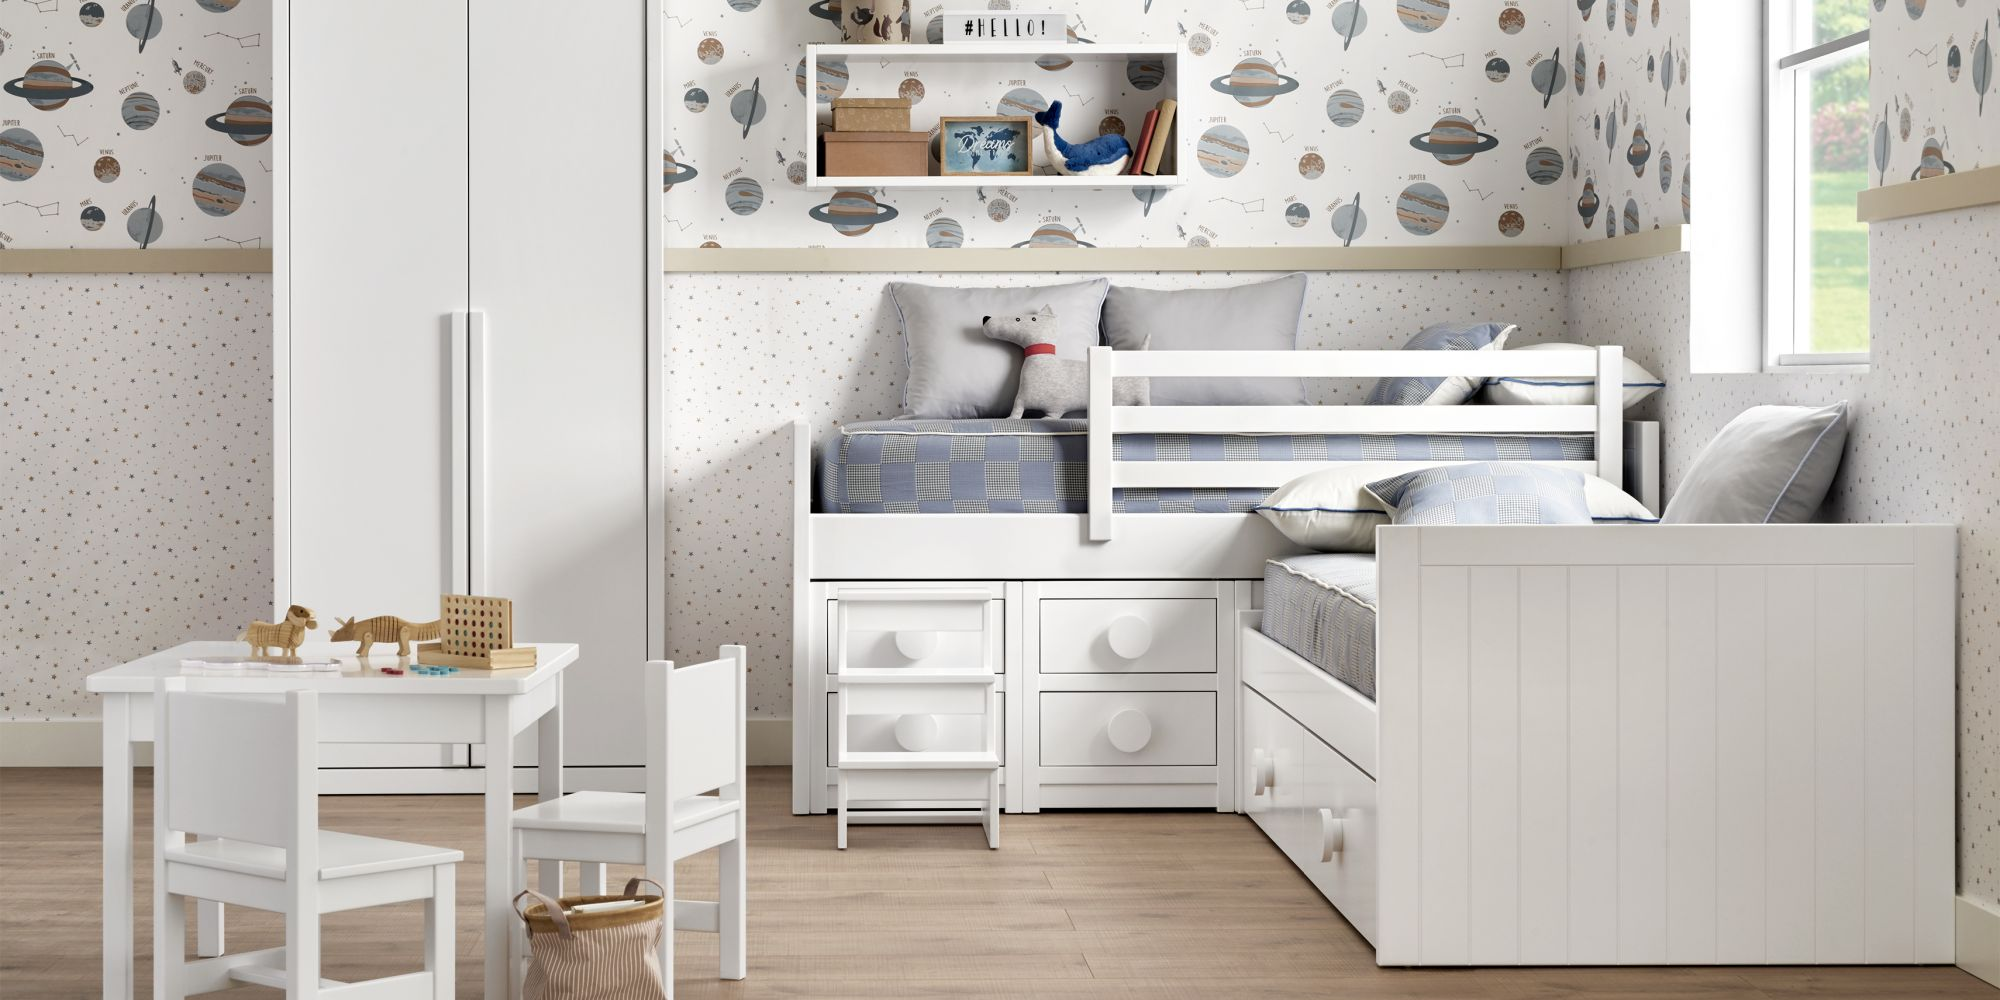 Dormitorio dos niños con cama con cajones y armario